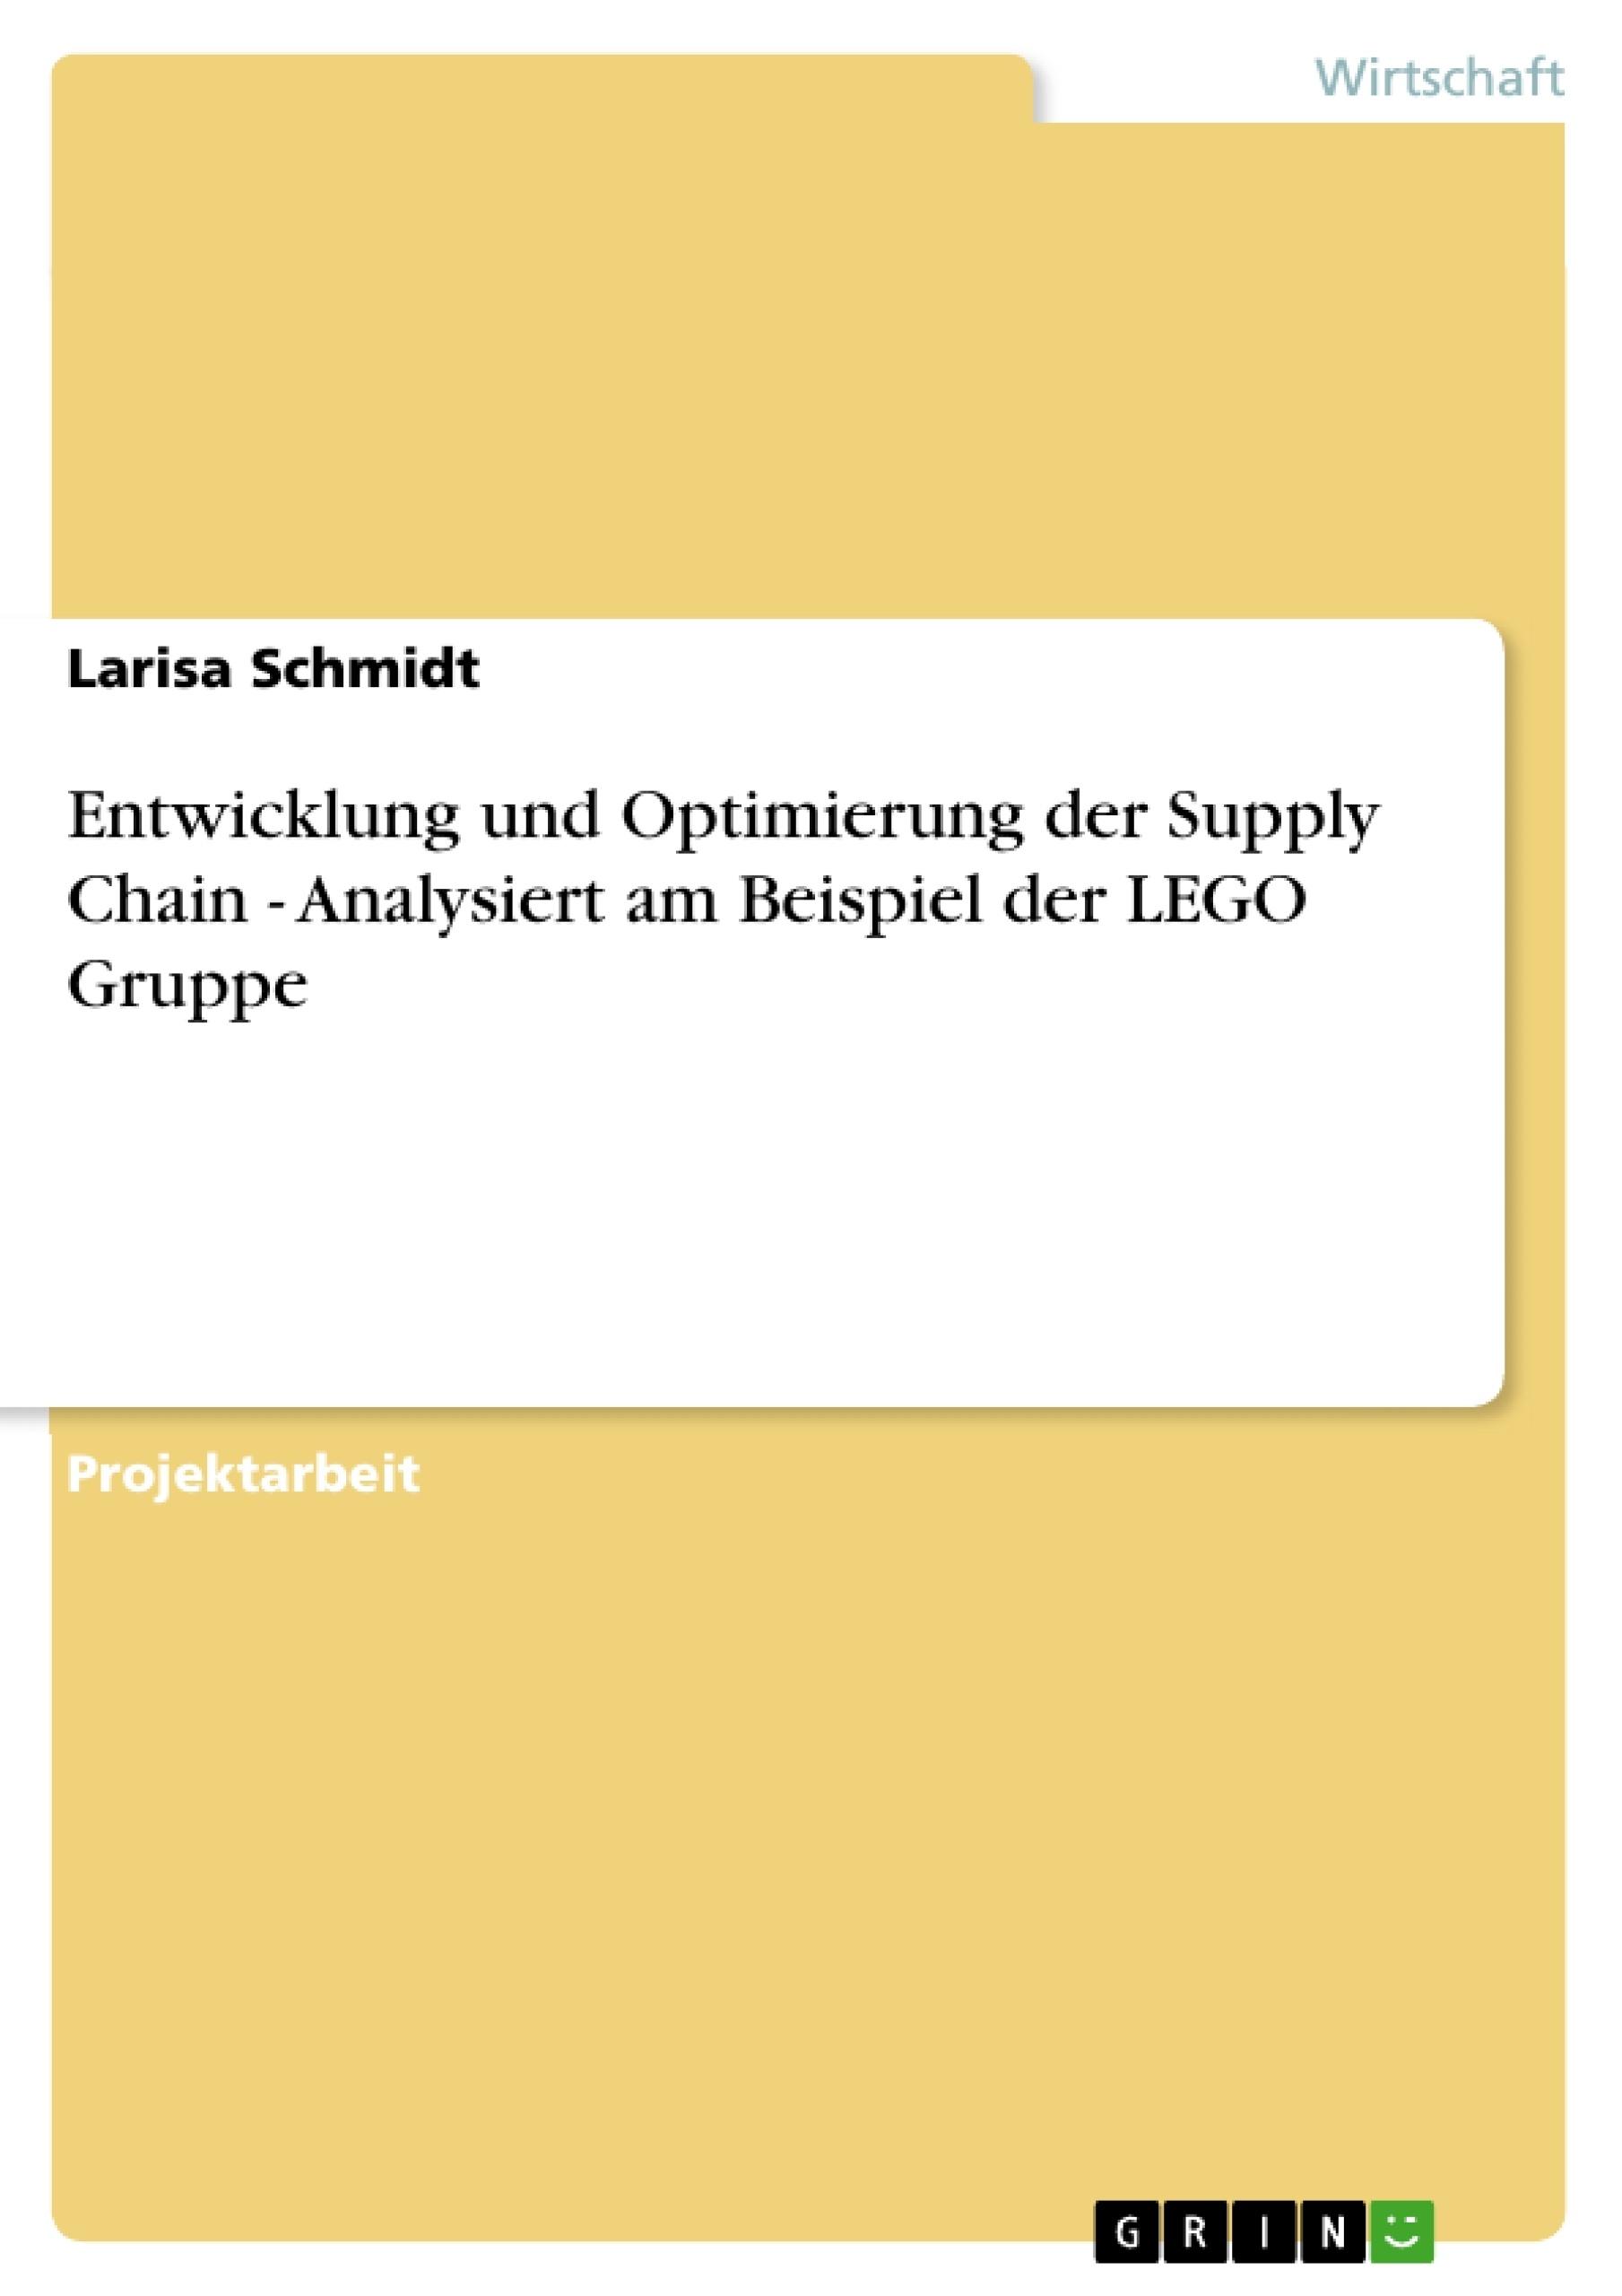 Titel: Entwicklung und Optimierung der Supply Chain - Analysiert am Beispiel der LEGO Gruppe